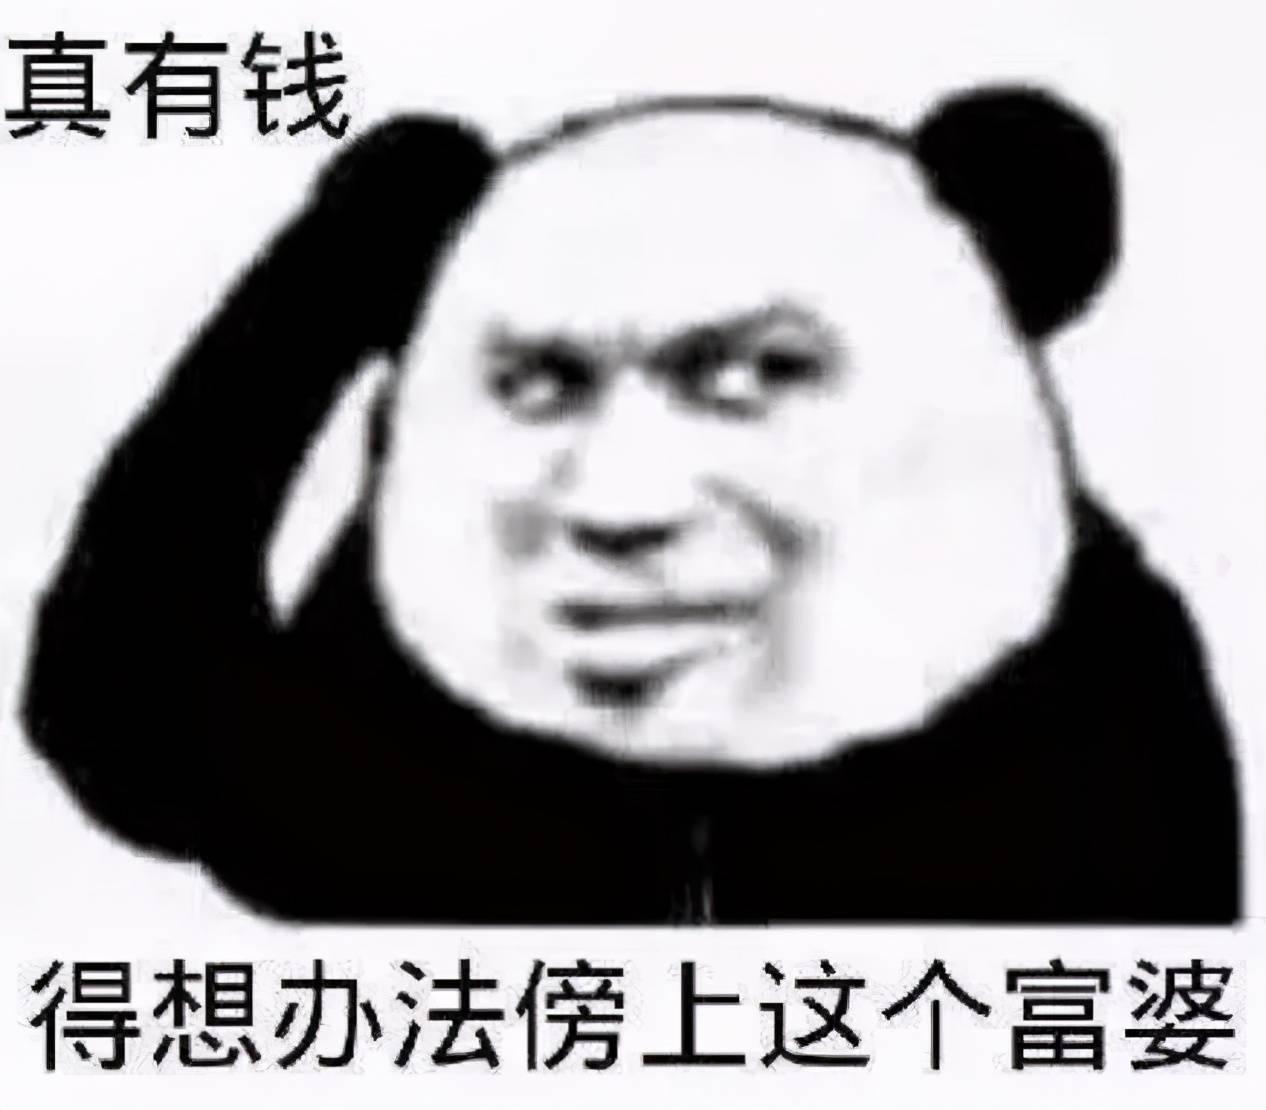 富二代秒变极品软饭男(网游男子人设崩塌)